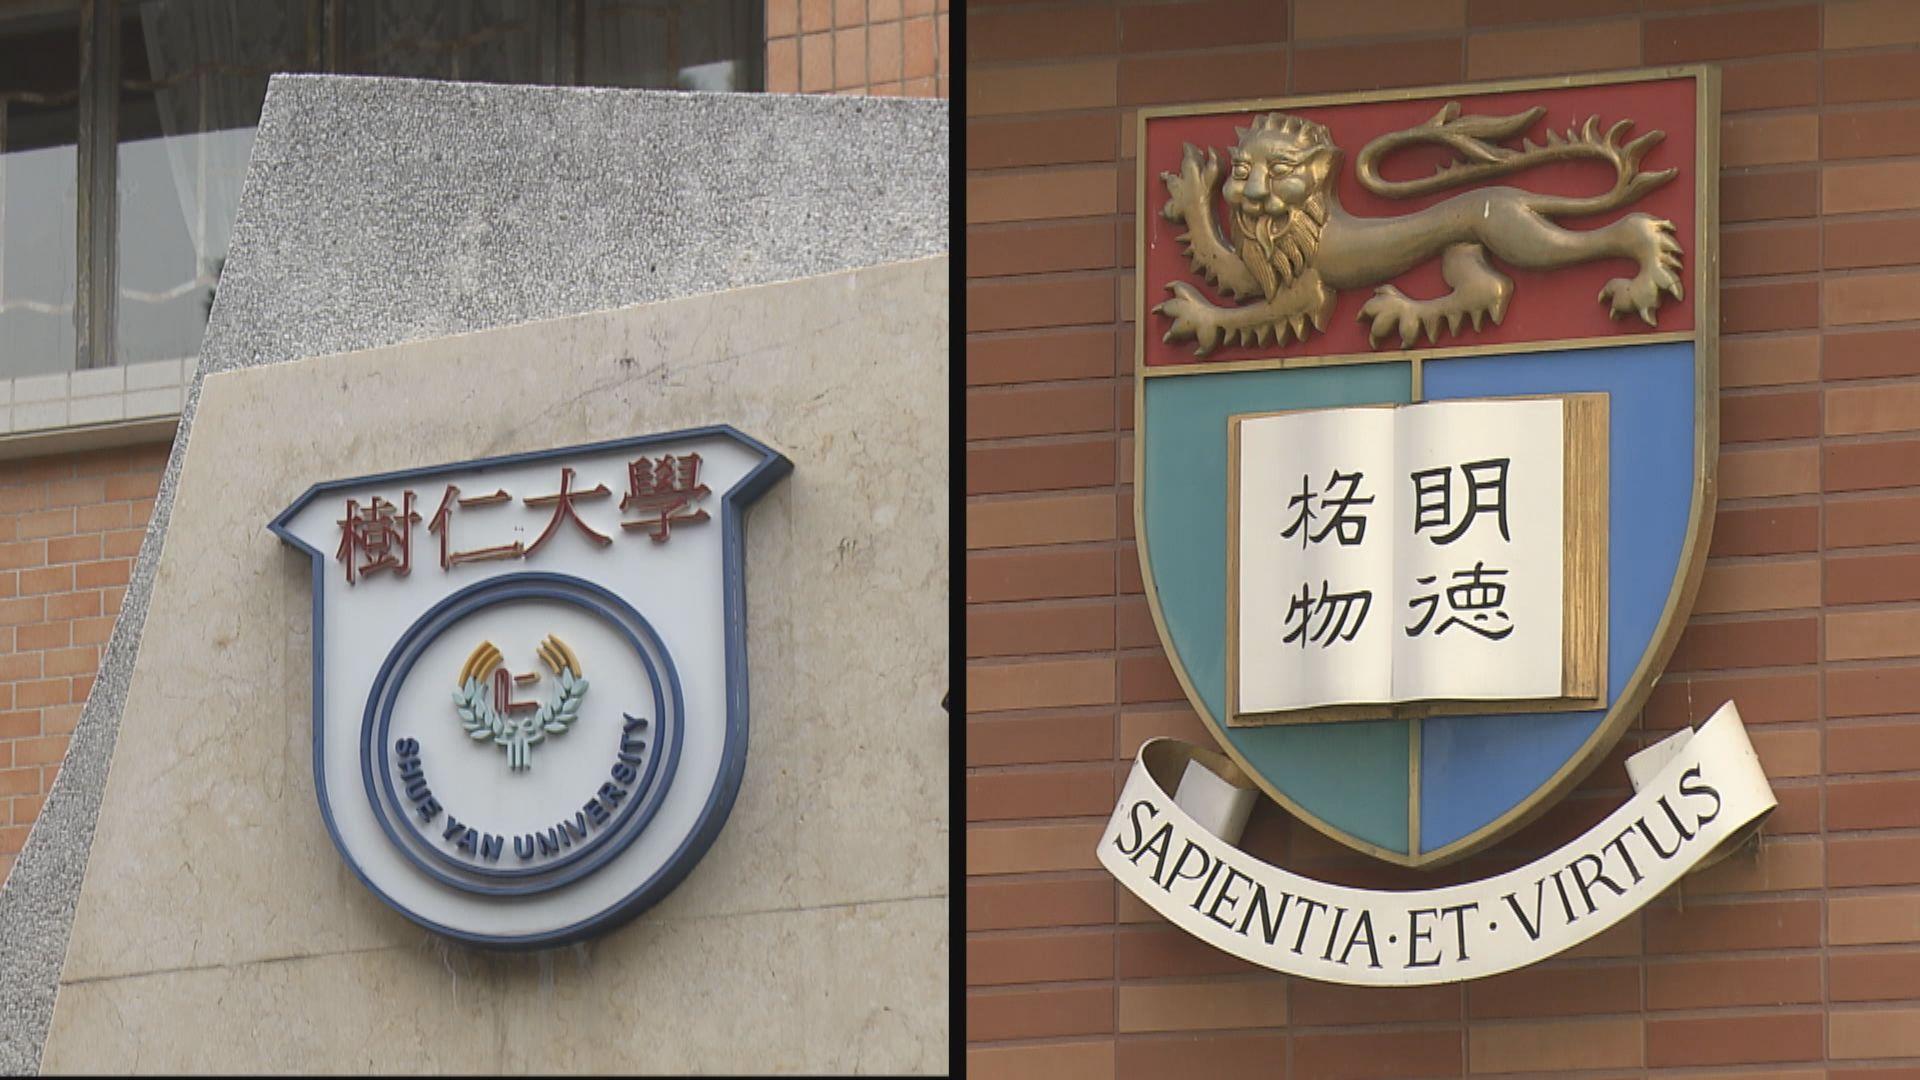 6間大學新聞系及學院強烈要求警方撤回修訂